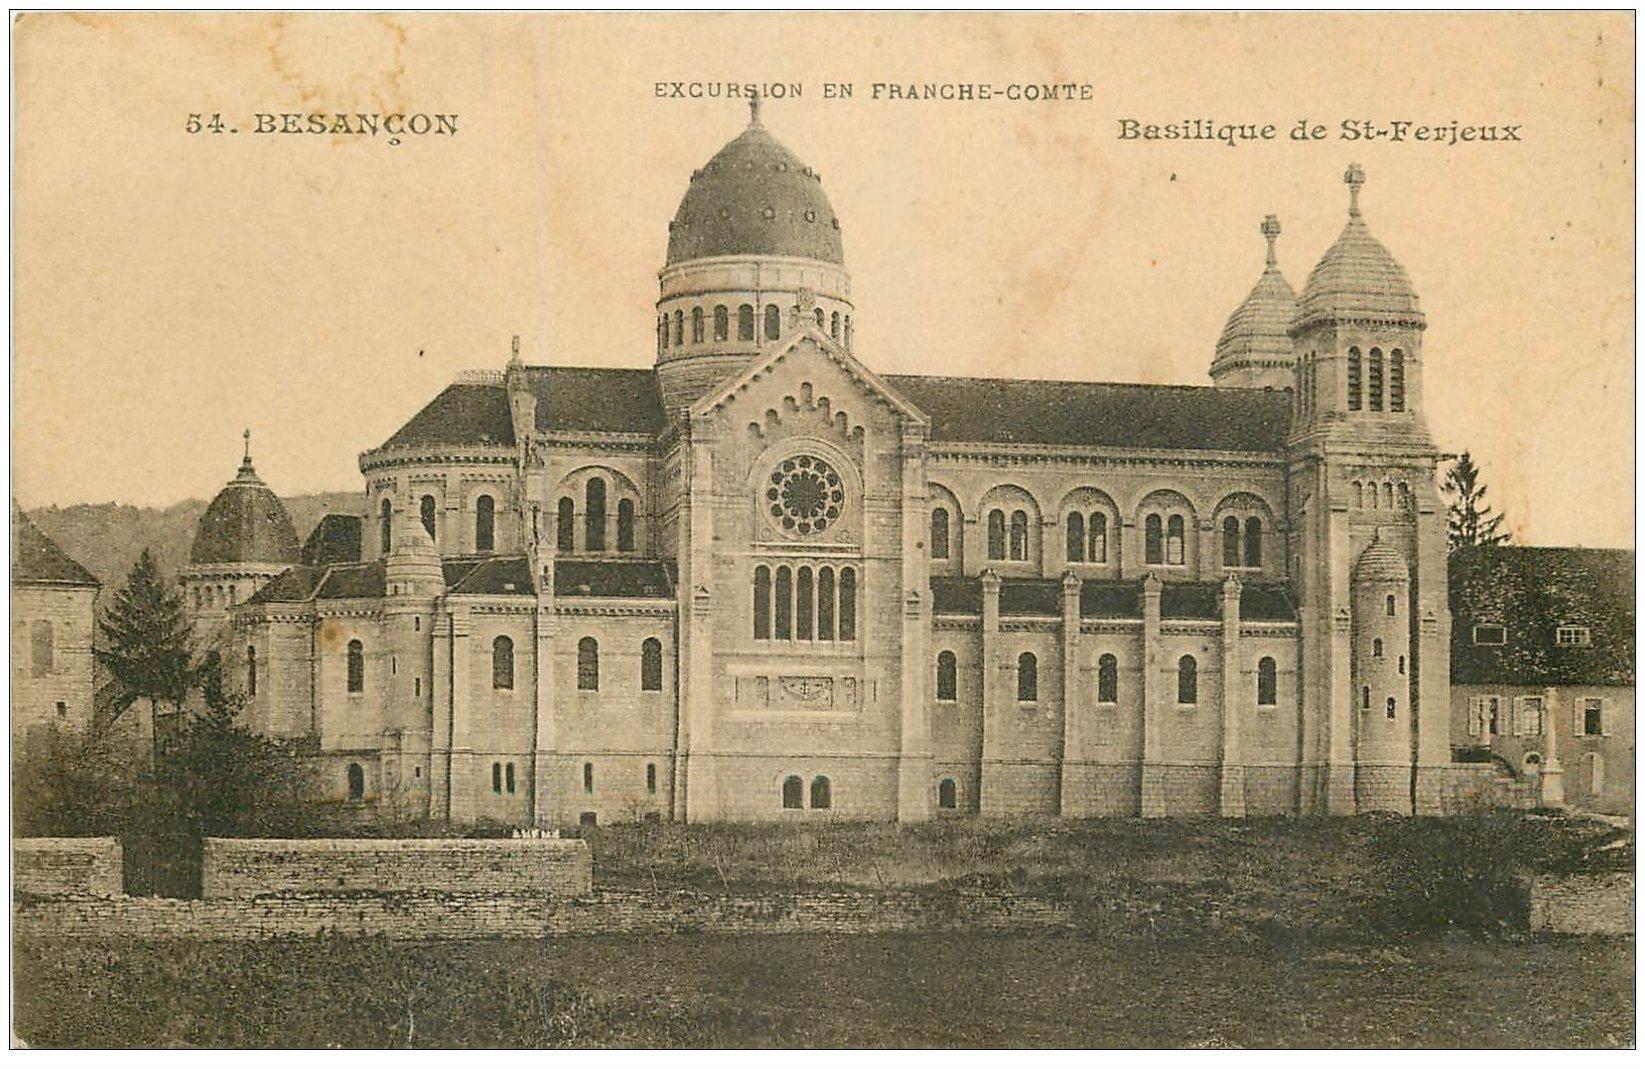 25 besancon basilique de saint ferjeux for 25 besancon